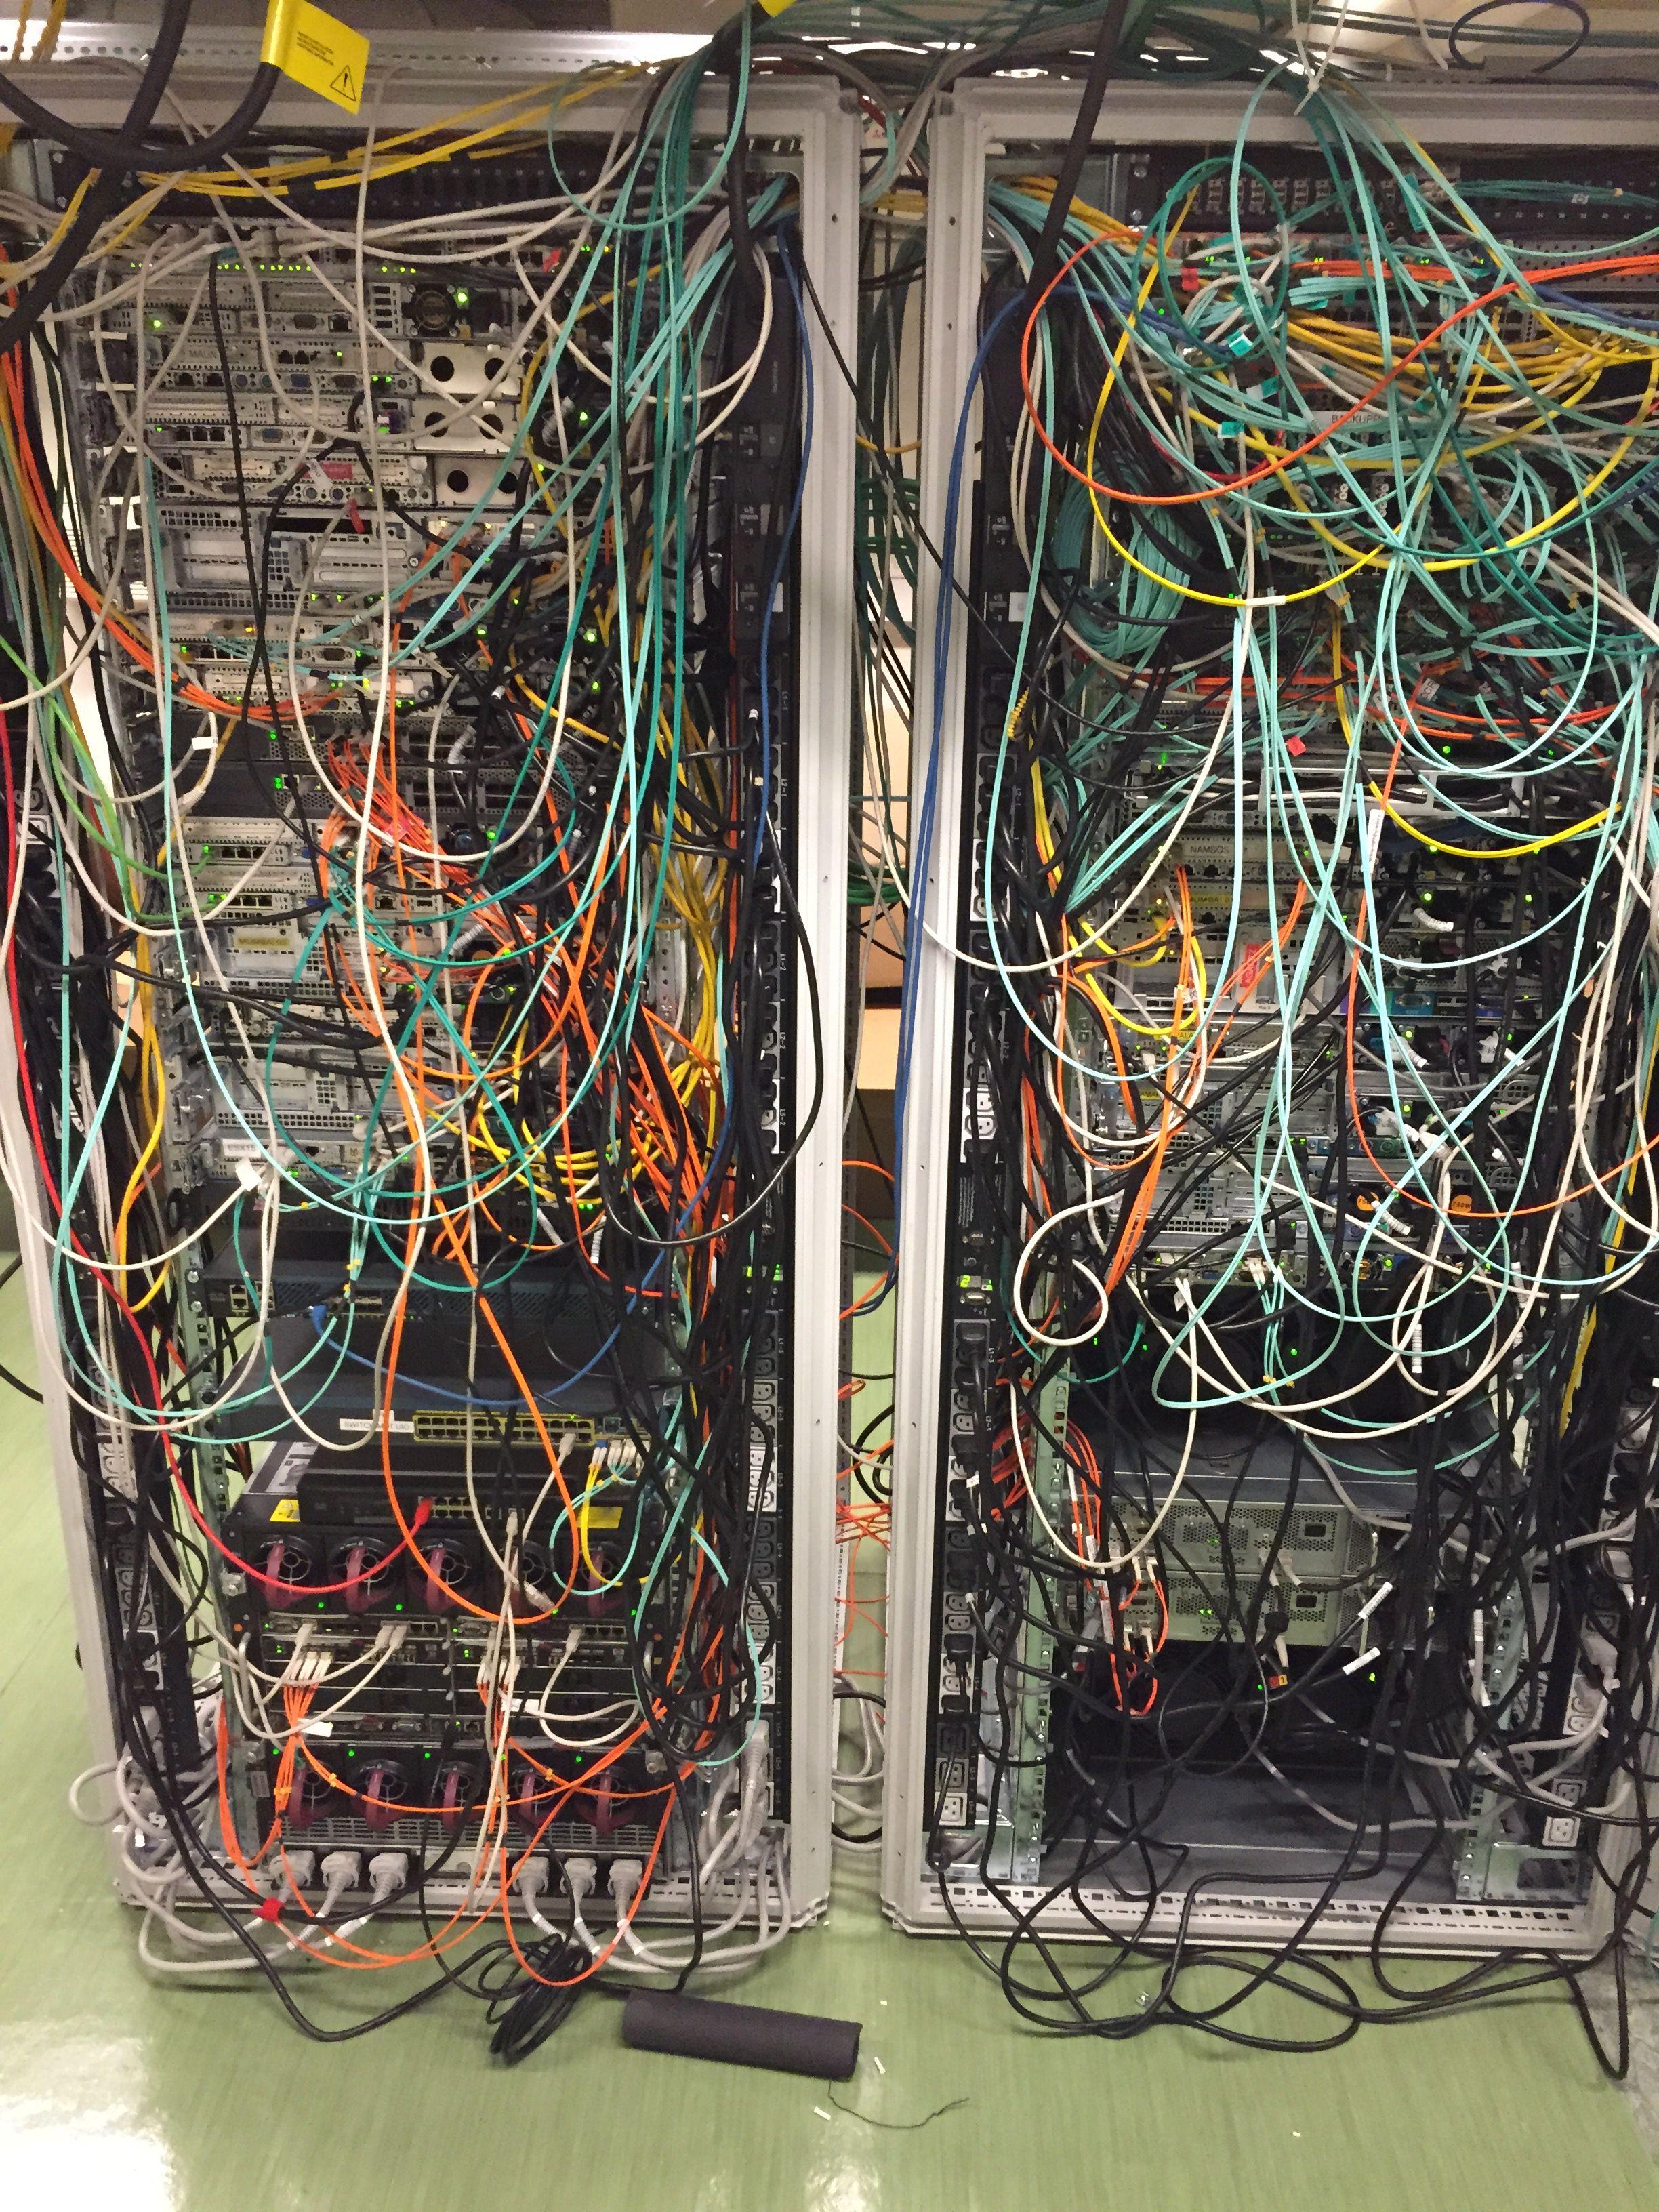 bad wiring [ 2448 x 3264 Pixel ]